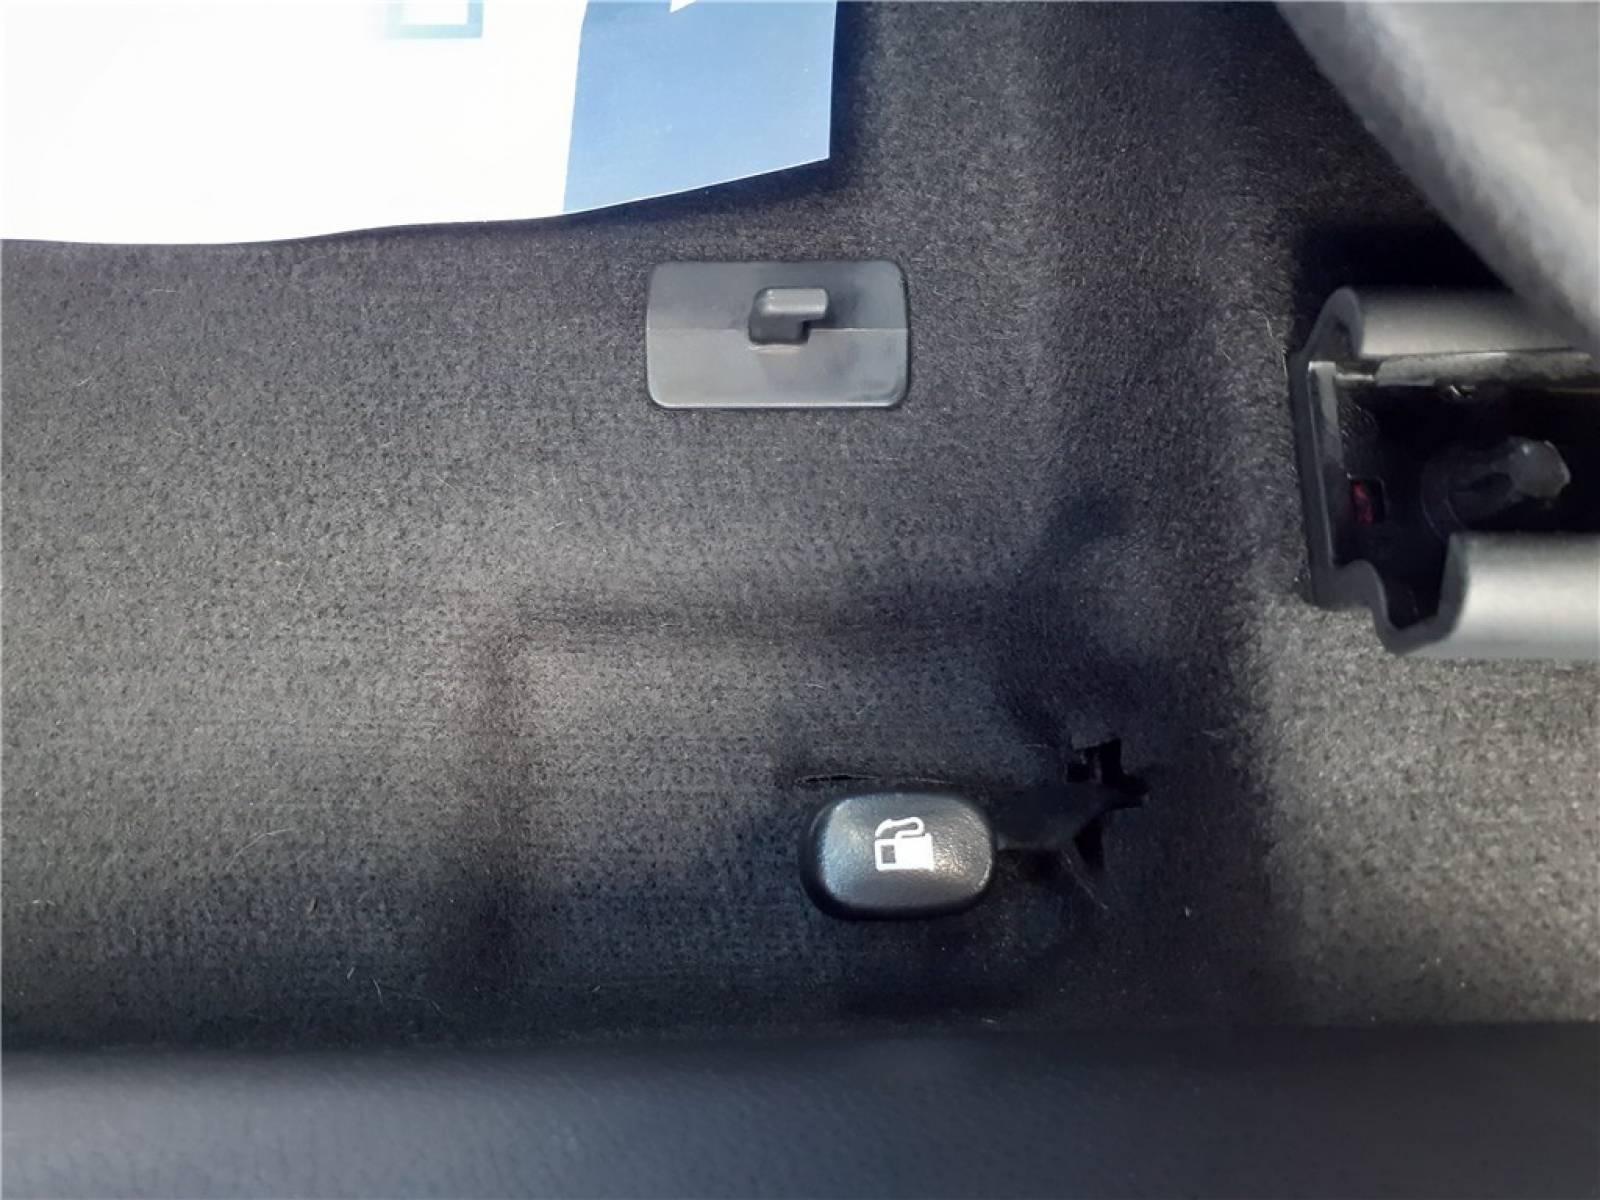 KIA Rio 1.2L 84 ch ISG - véhicule d'occasion - Groupe Guillet - Opel Magicauto - Chalon-sur-Saône - 71380 - Saint-Marcel - 22